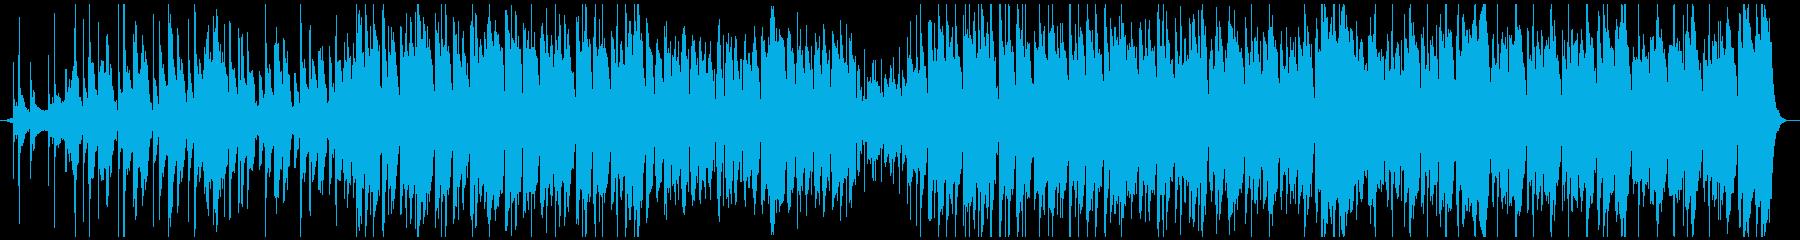 モチベーションのためのボーカル聖歌...の再生済みの波形